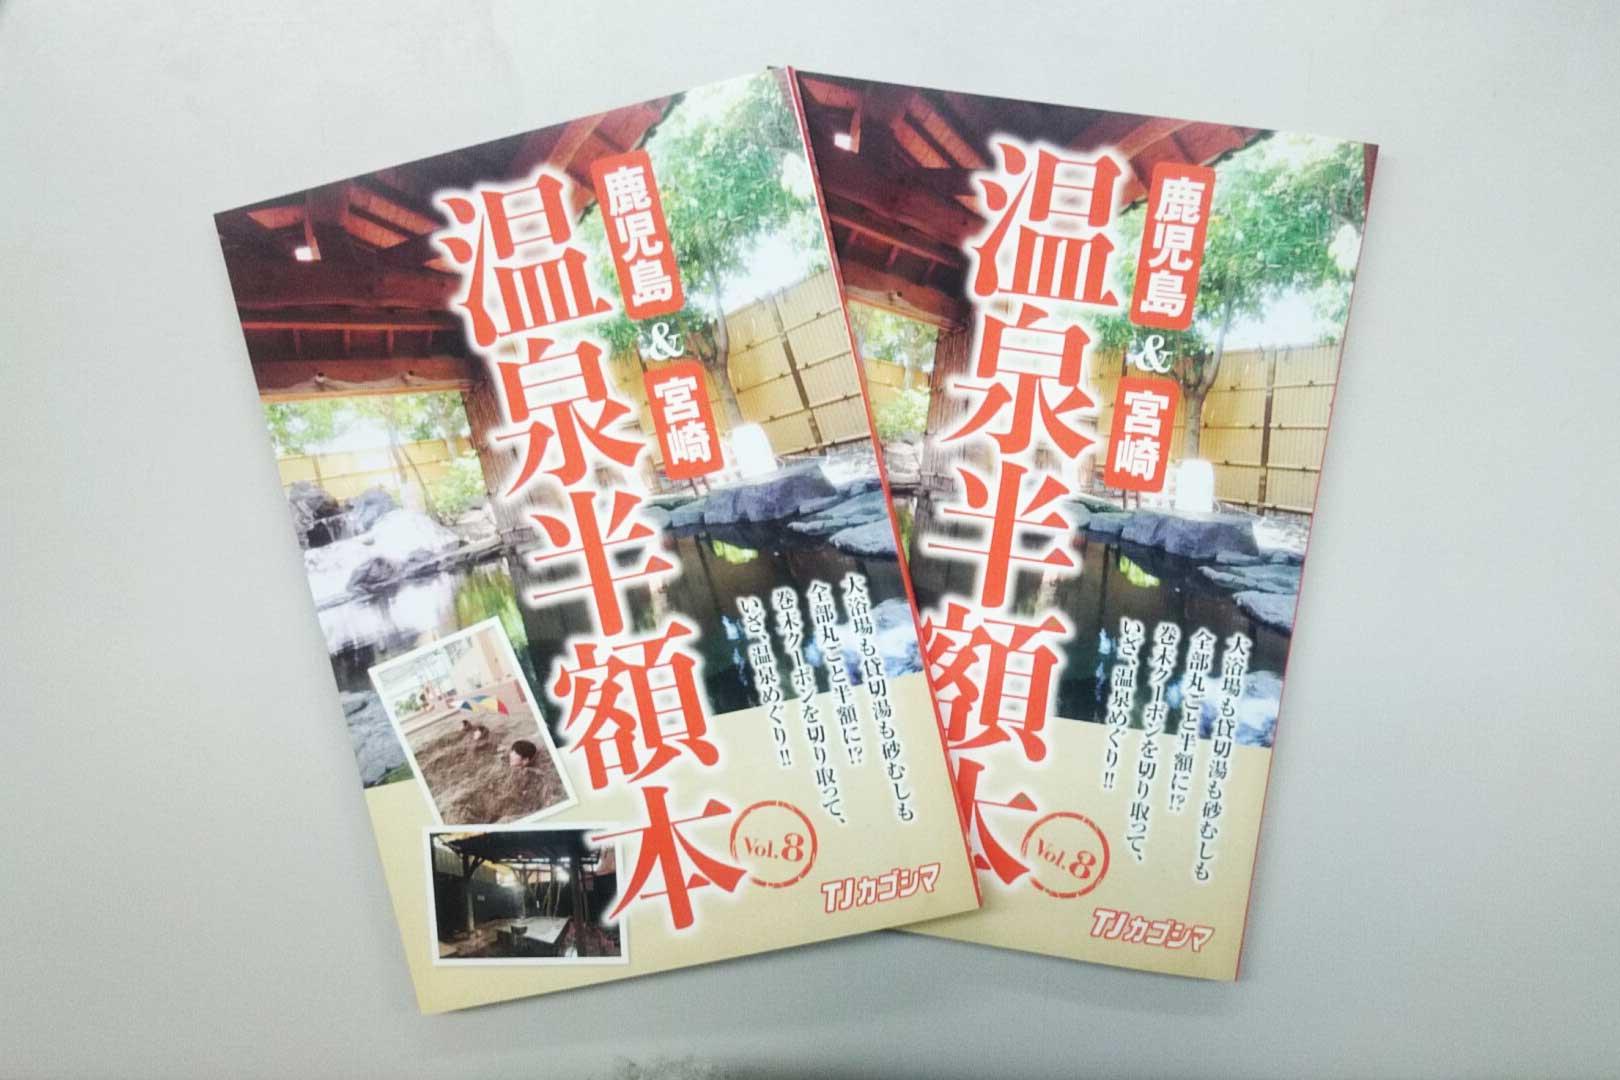 年に1度のお楽しみ♪「温泉半額本」がついに発売!